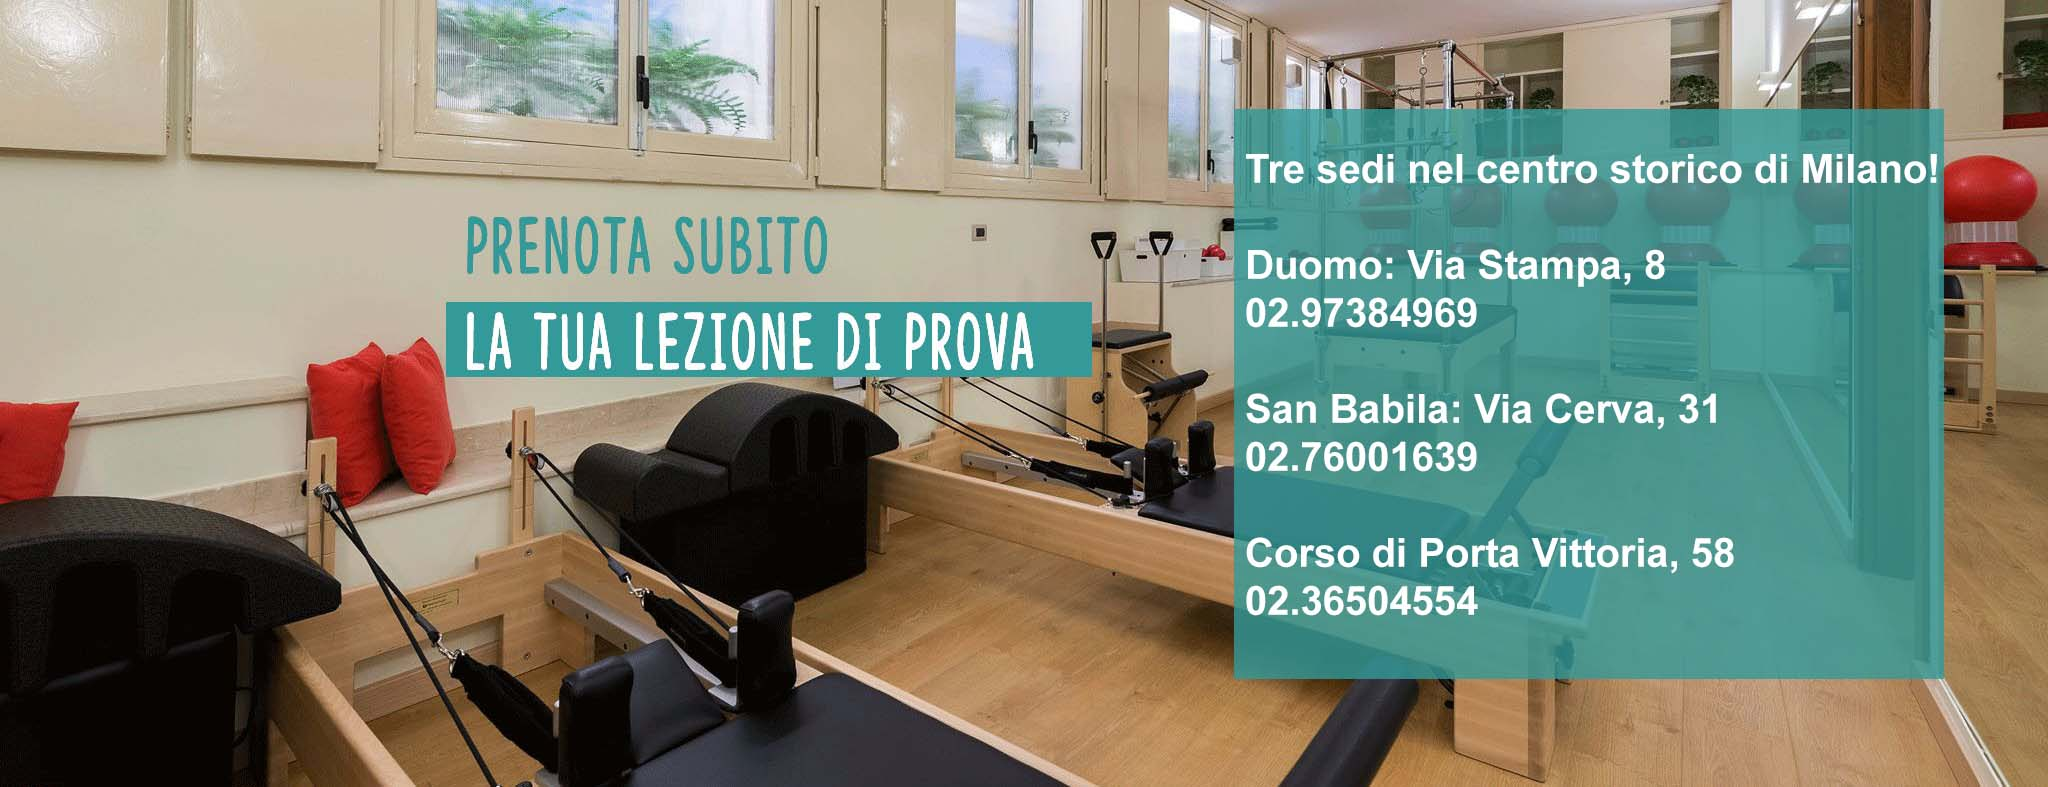 Lezioni Pilates Via Leone Tolstoj Milano - Prenota subito la tua lezione di prova